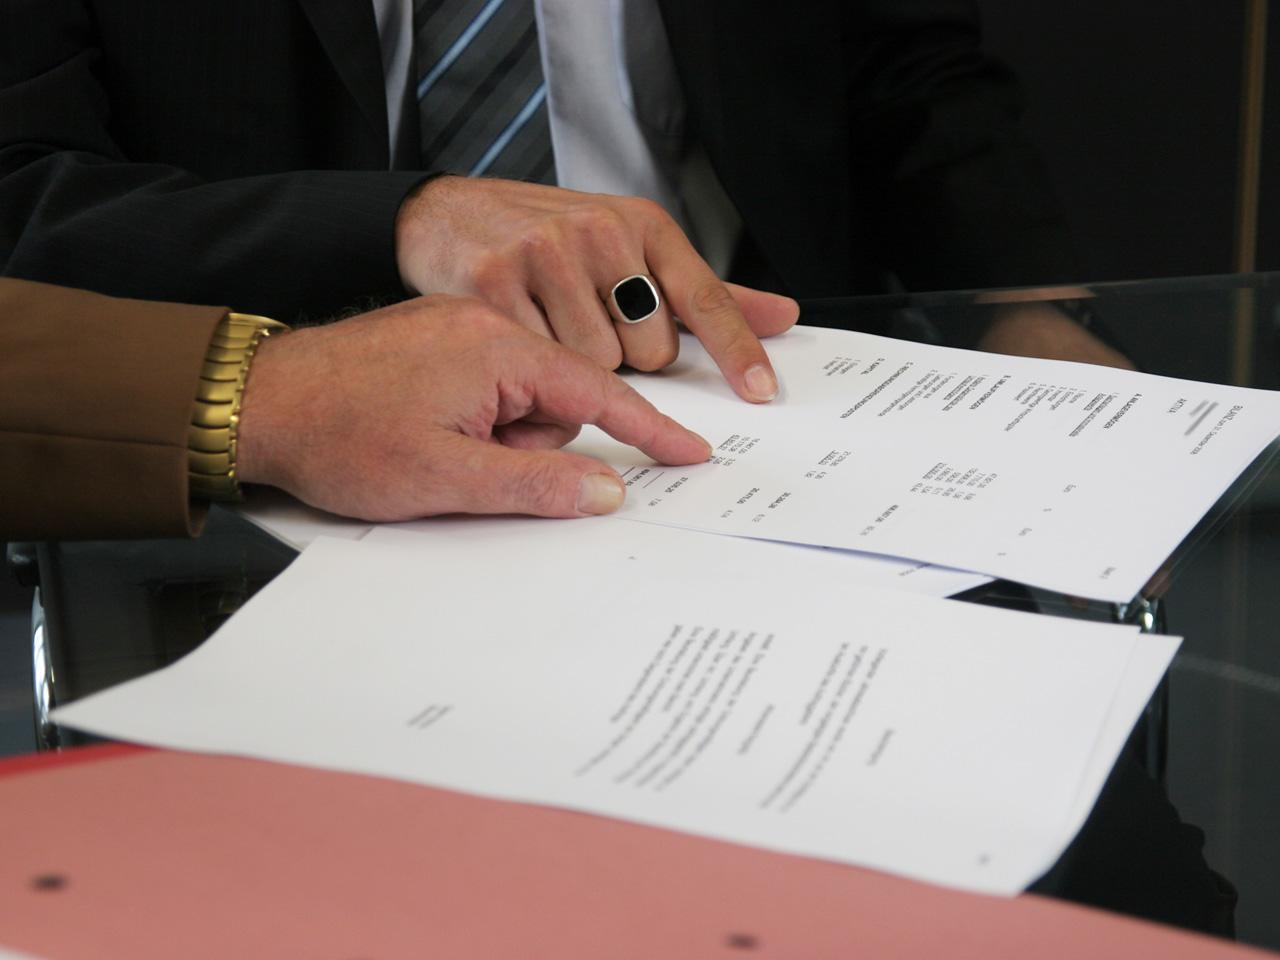 申請書の署名押印